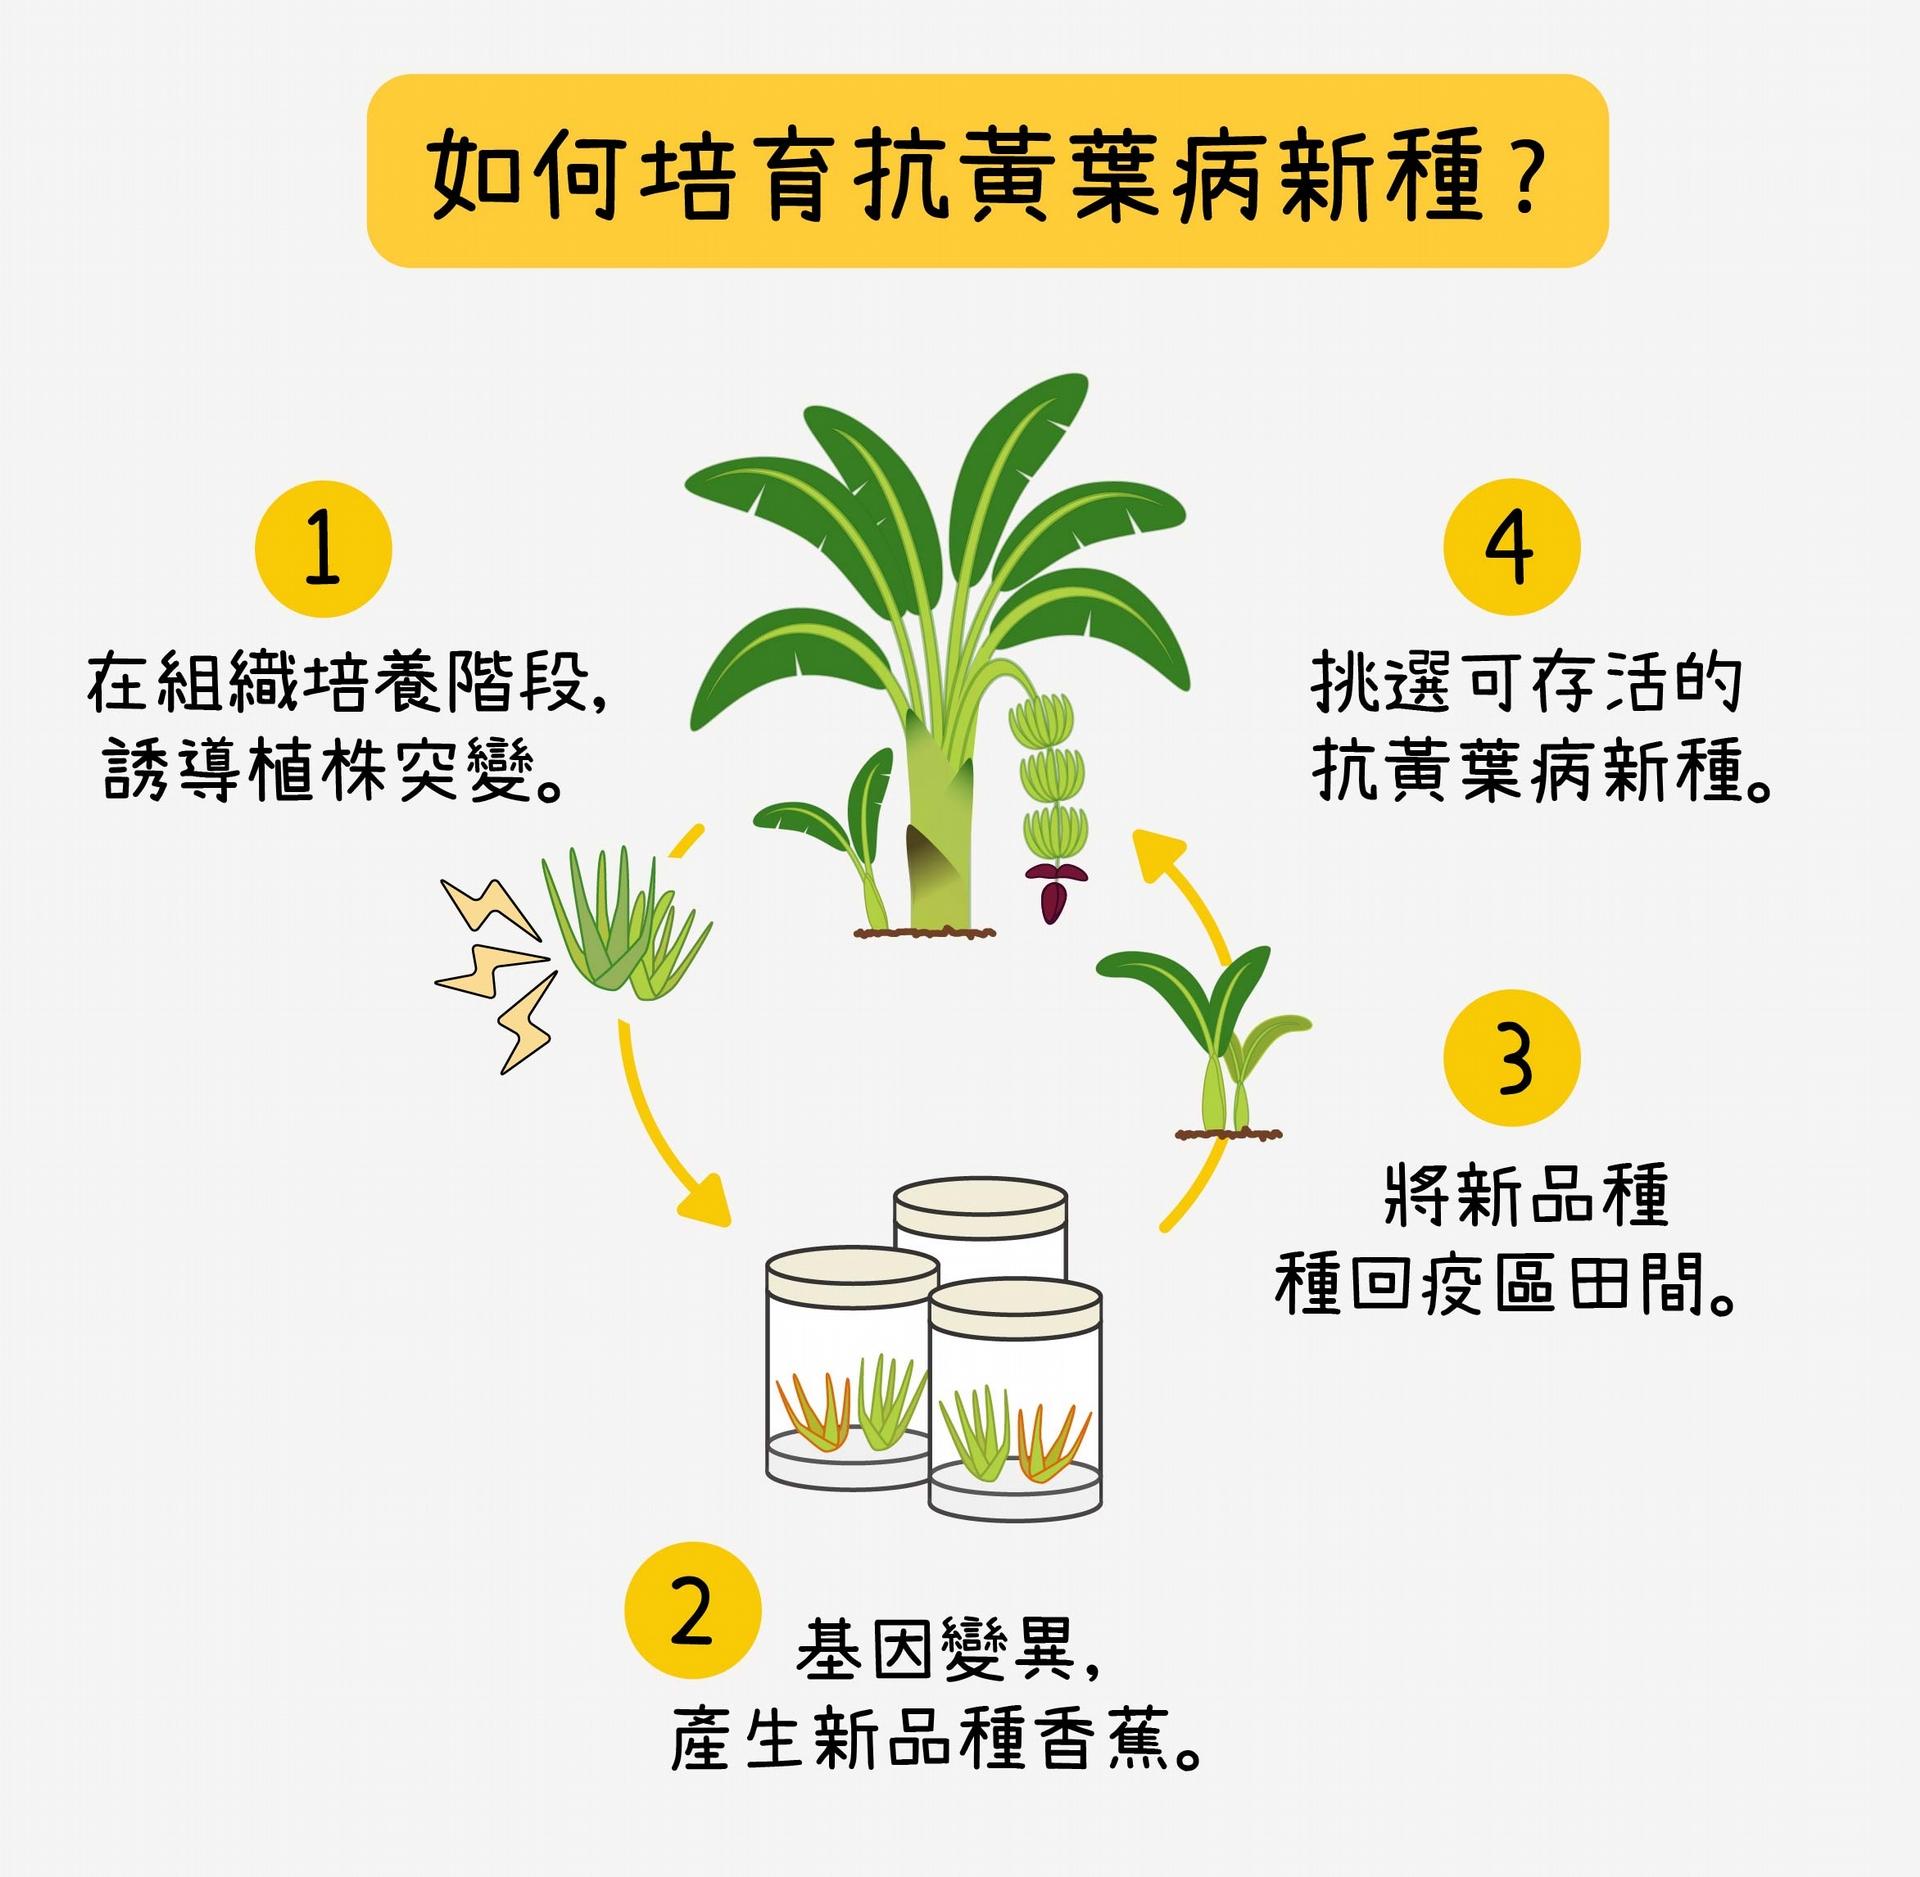 三倍體的華蕉,雖然會開花,但花無法受孕產⽣種⼦,因此必須以組織培養孕育新種。台灣香蕉研究所的研究員,在香蕉苗的組培階段,誘導植株突變,增加基因多樣性,再將香蕉苗種回疫區田間,挑選出存活的抗病栽培種,最終培育出可抗黃葉病的寶島蕉、台蕉五號、台蕉七號。 資料來源│蘇柏諺 (陳荷明實驗室) 圖說重製│林洵安